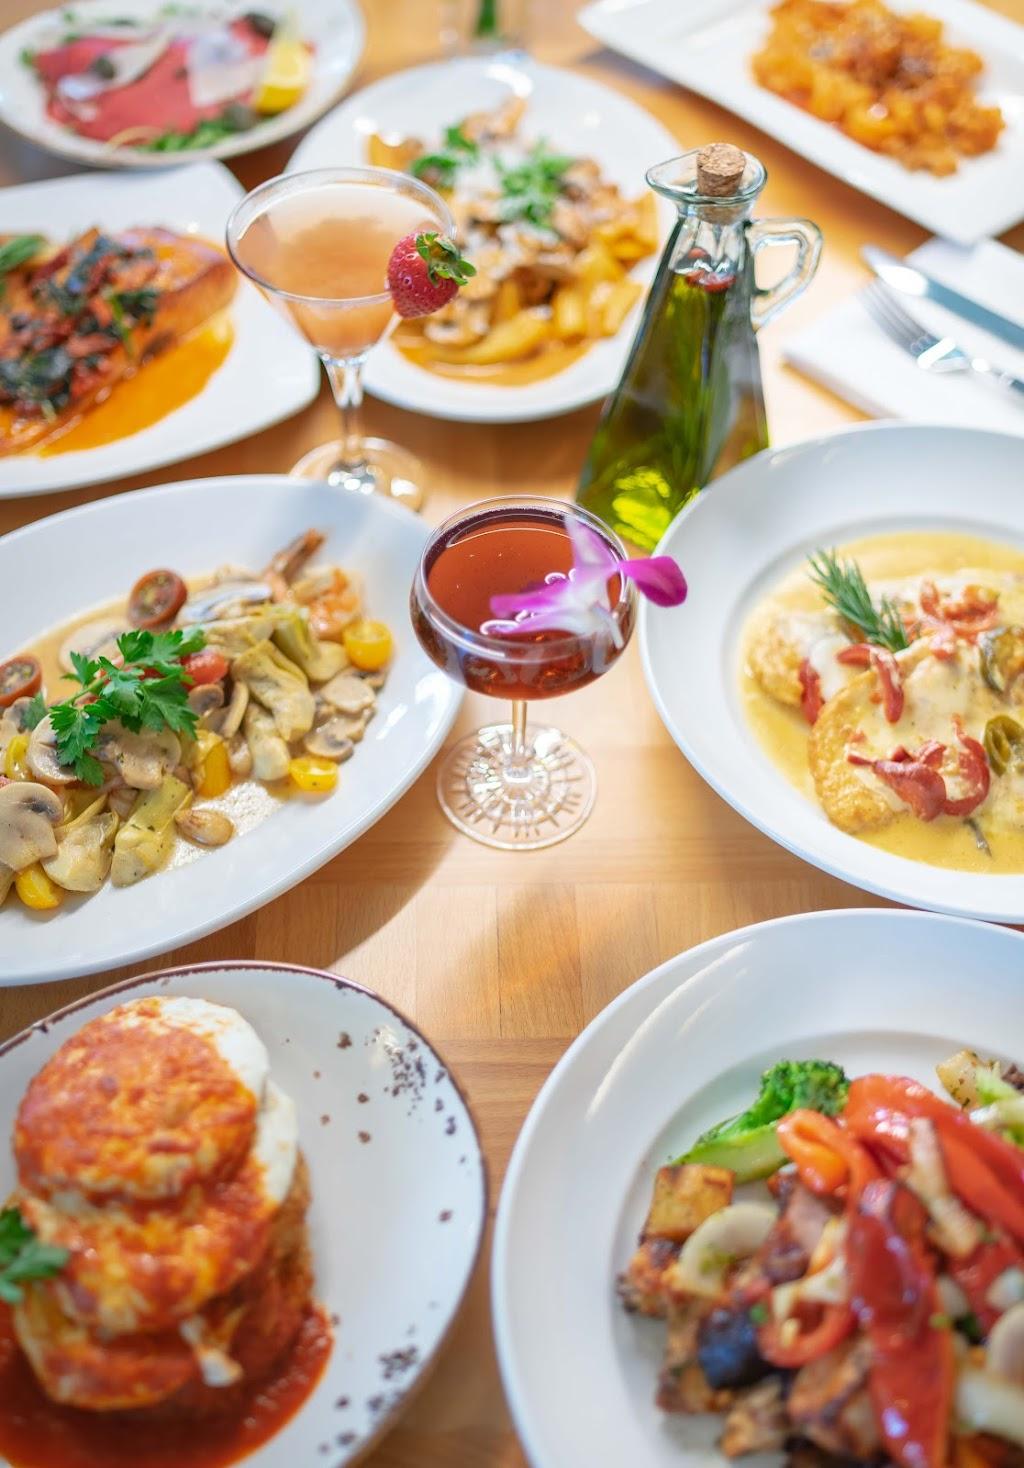 Gios Atlantic Beach   restaurant   1846 Park St, Atlantic Beach, NY 11509, USA   5167587470 OR +1 516-758-7470